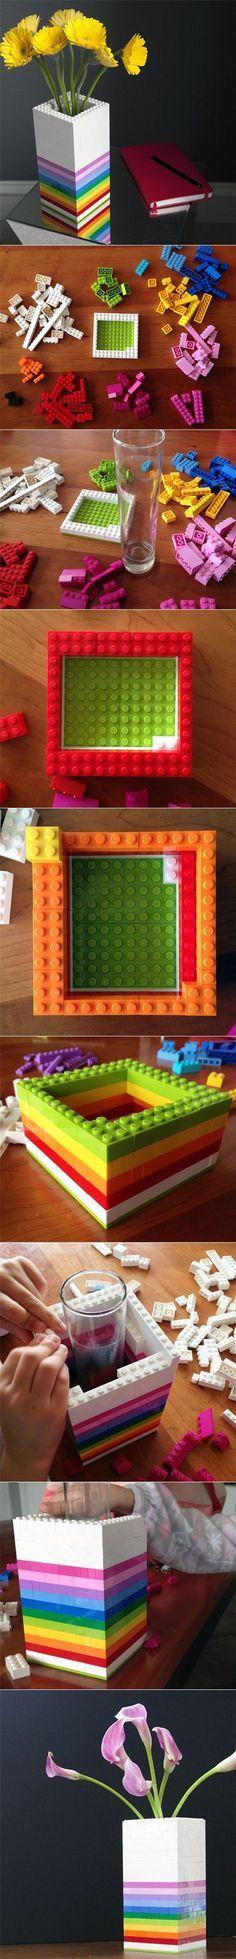 14 tolle und einfache DIY Bastelideen mit Legosteinen! - Seite 3 von 14 - DIY Bastelideen